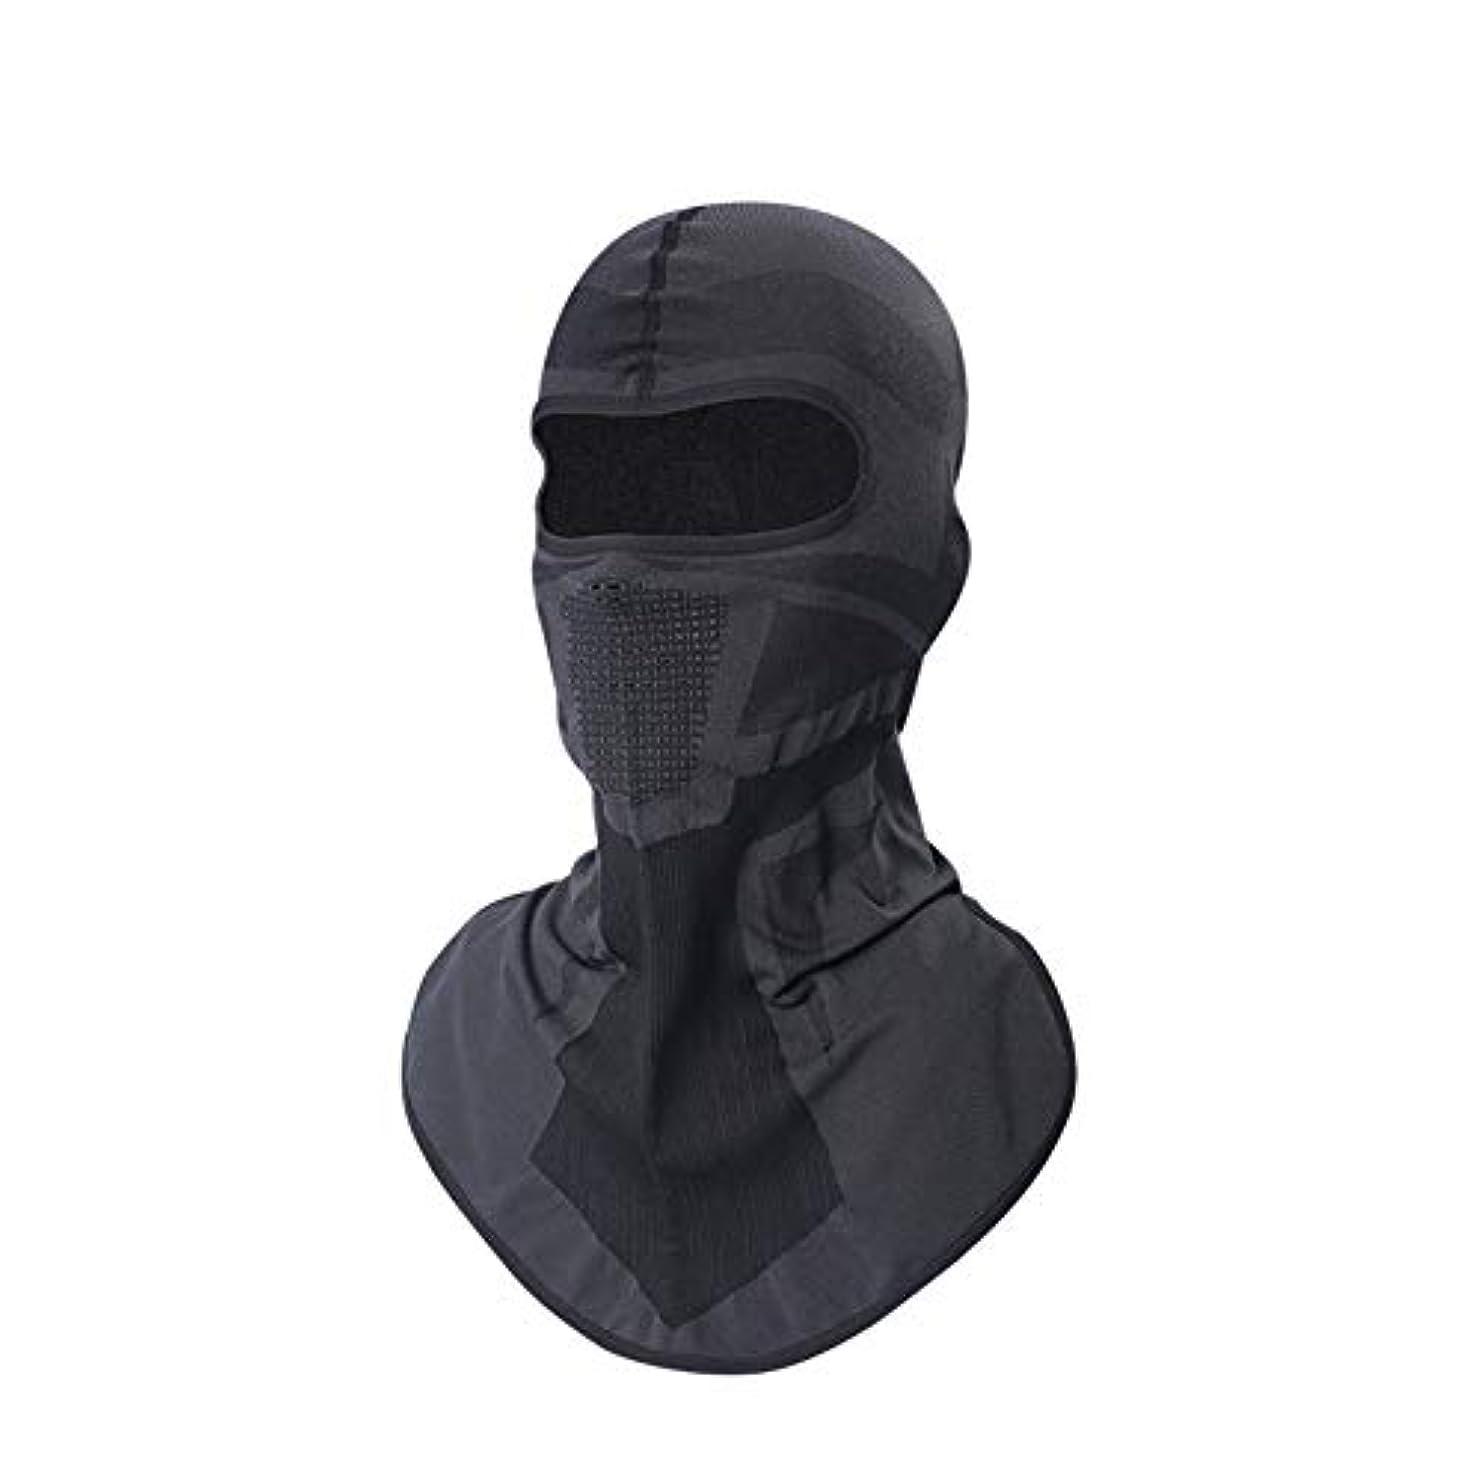 パッケージ懐疑的寄託マスク日焼け止めオートバイフード男性通気性フード付きヘルメット裏地保護フルフェイスマスク